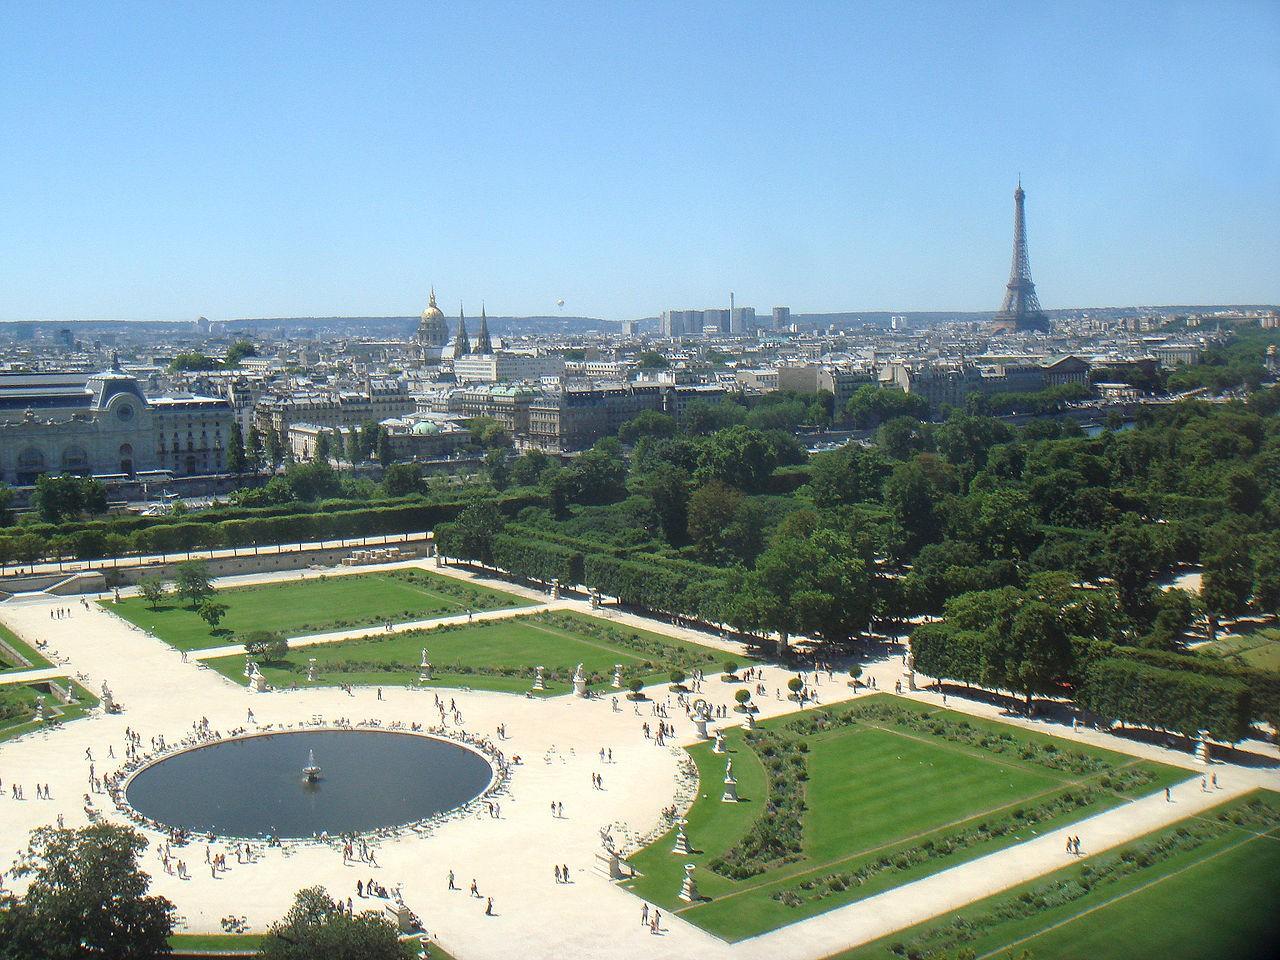 Сад Тюильри (Париж)